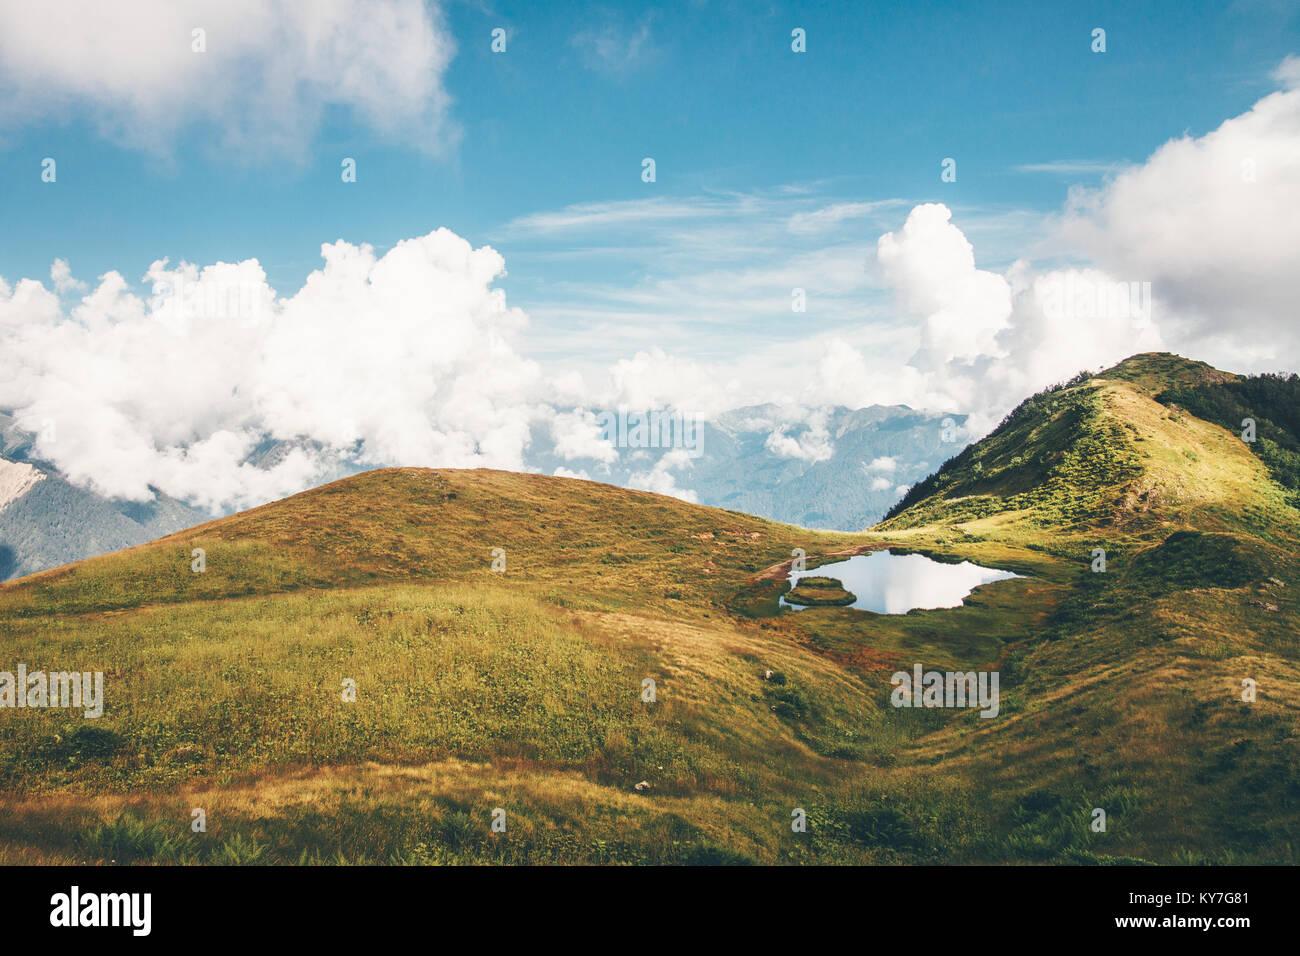 El lago y las montañas nubes paisaje Viajes de Verano serena vista aérea pintorescas escenas atmosféricas Foto de stock